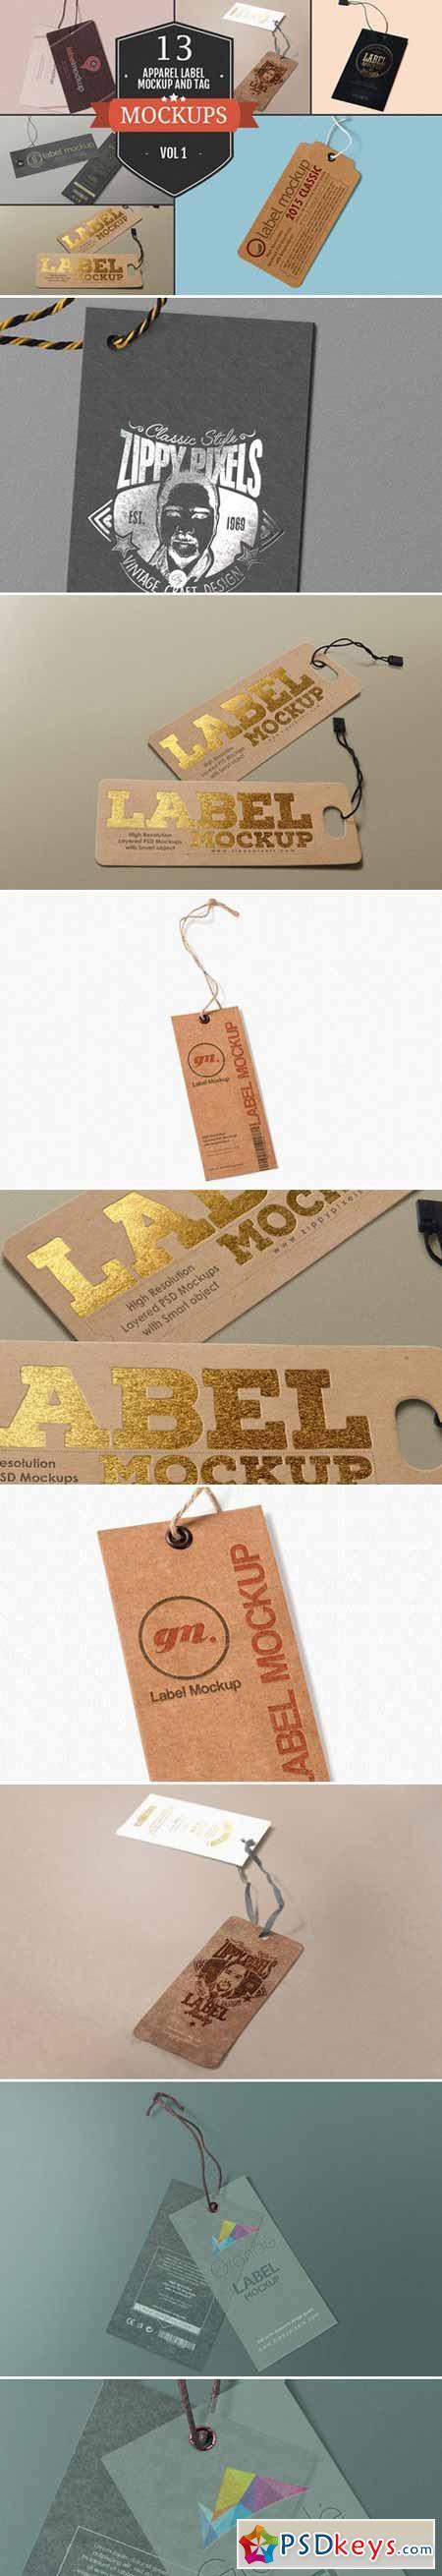 Apparel Label & Tag Mockups Vol. 1 377050